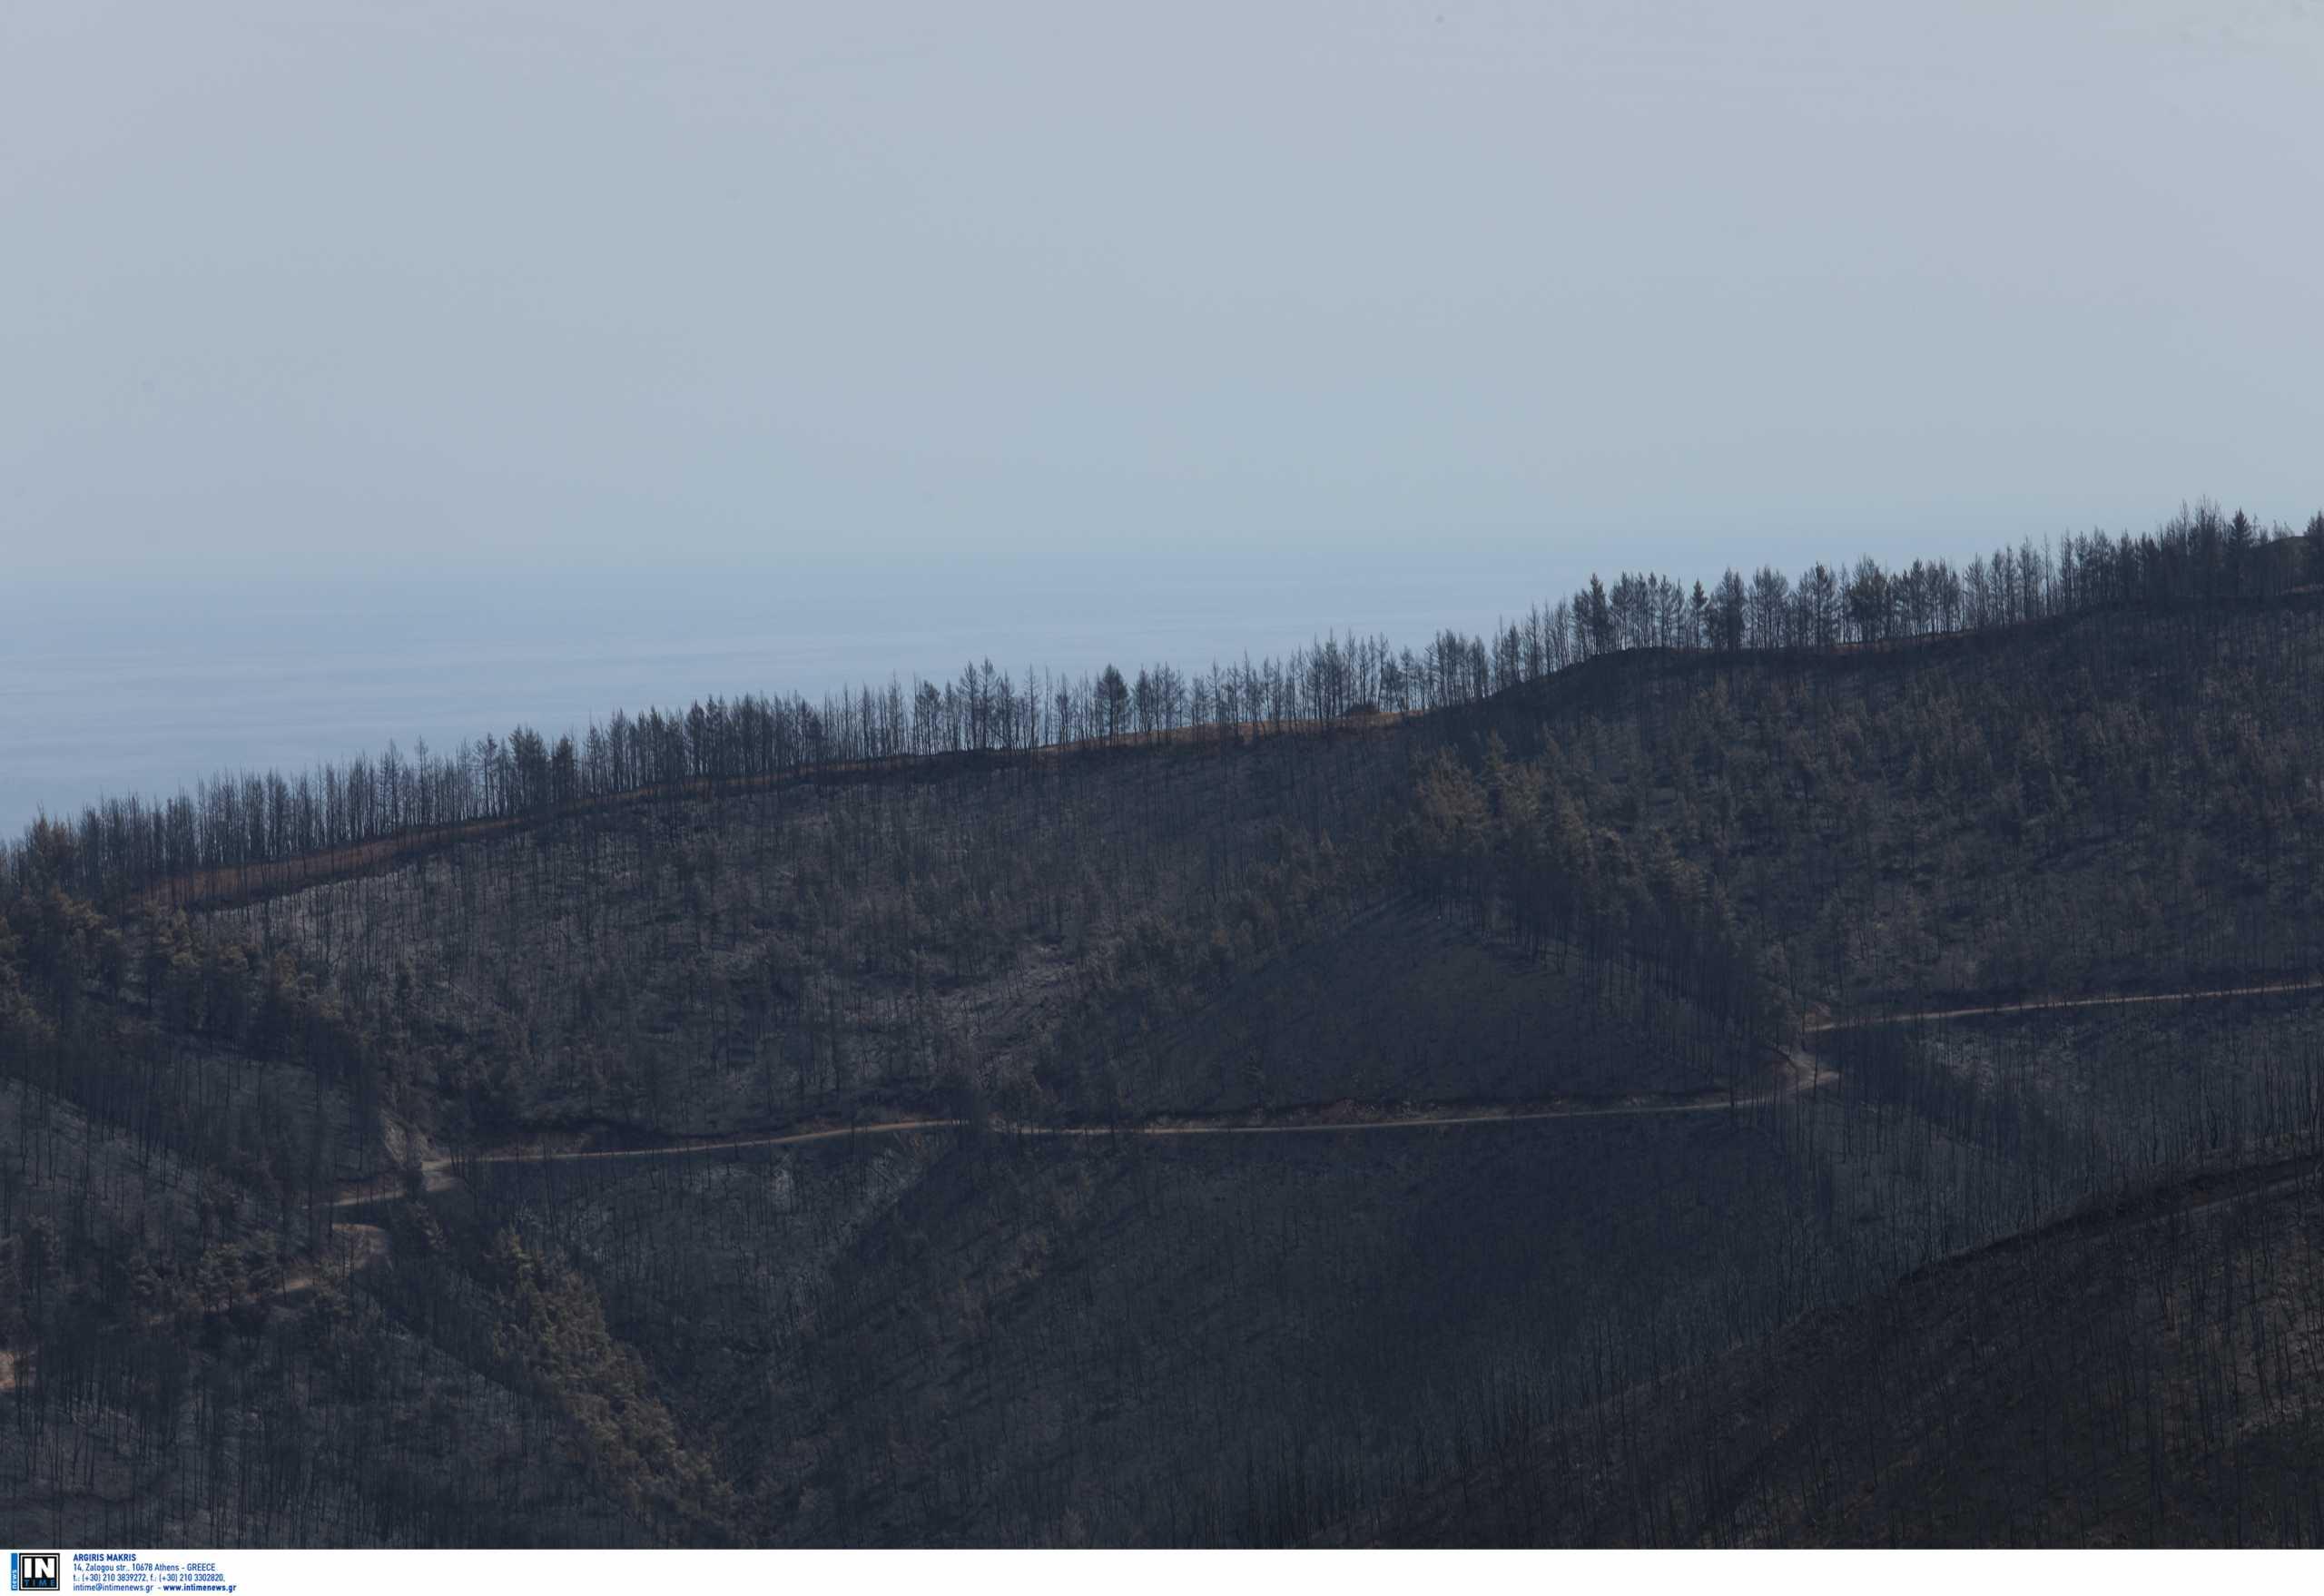 Αποζημίωση ύψους 2.31 εκατ. ευρώ για 533 δικαιούχους που επλήγησαν από τις καταστροφικές πυρκαγιές